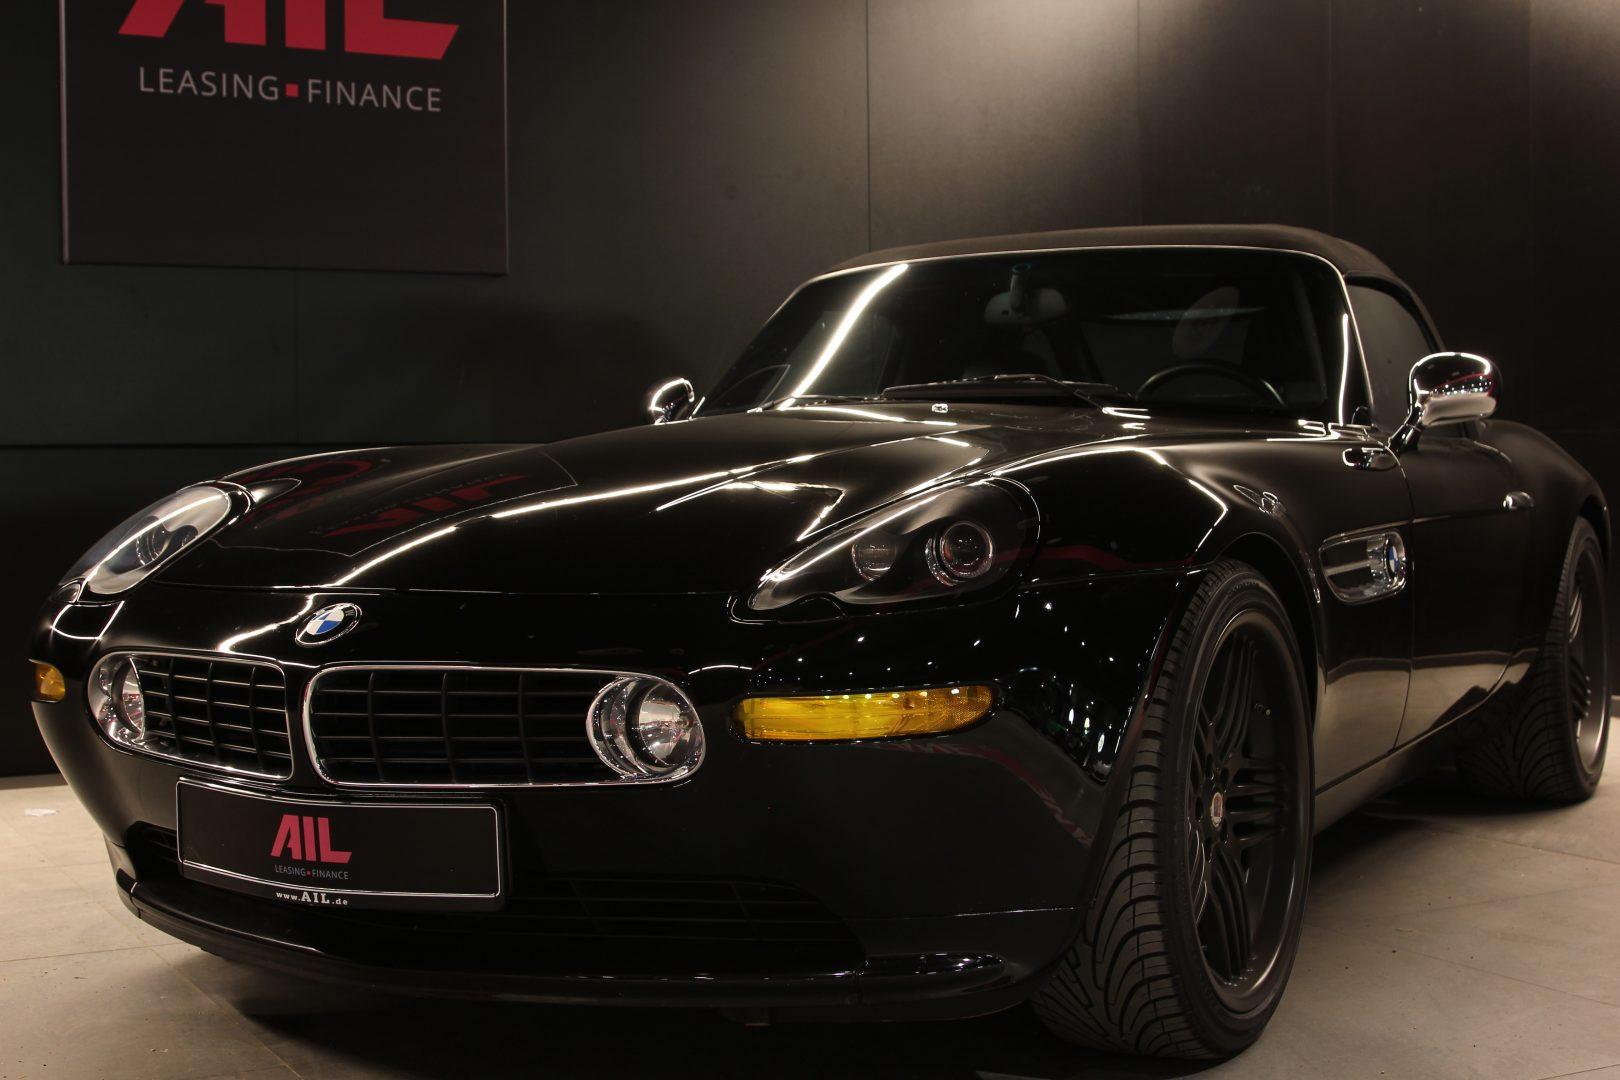 AIL BMW Z8 Performance Paket 5.0 V8 11